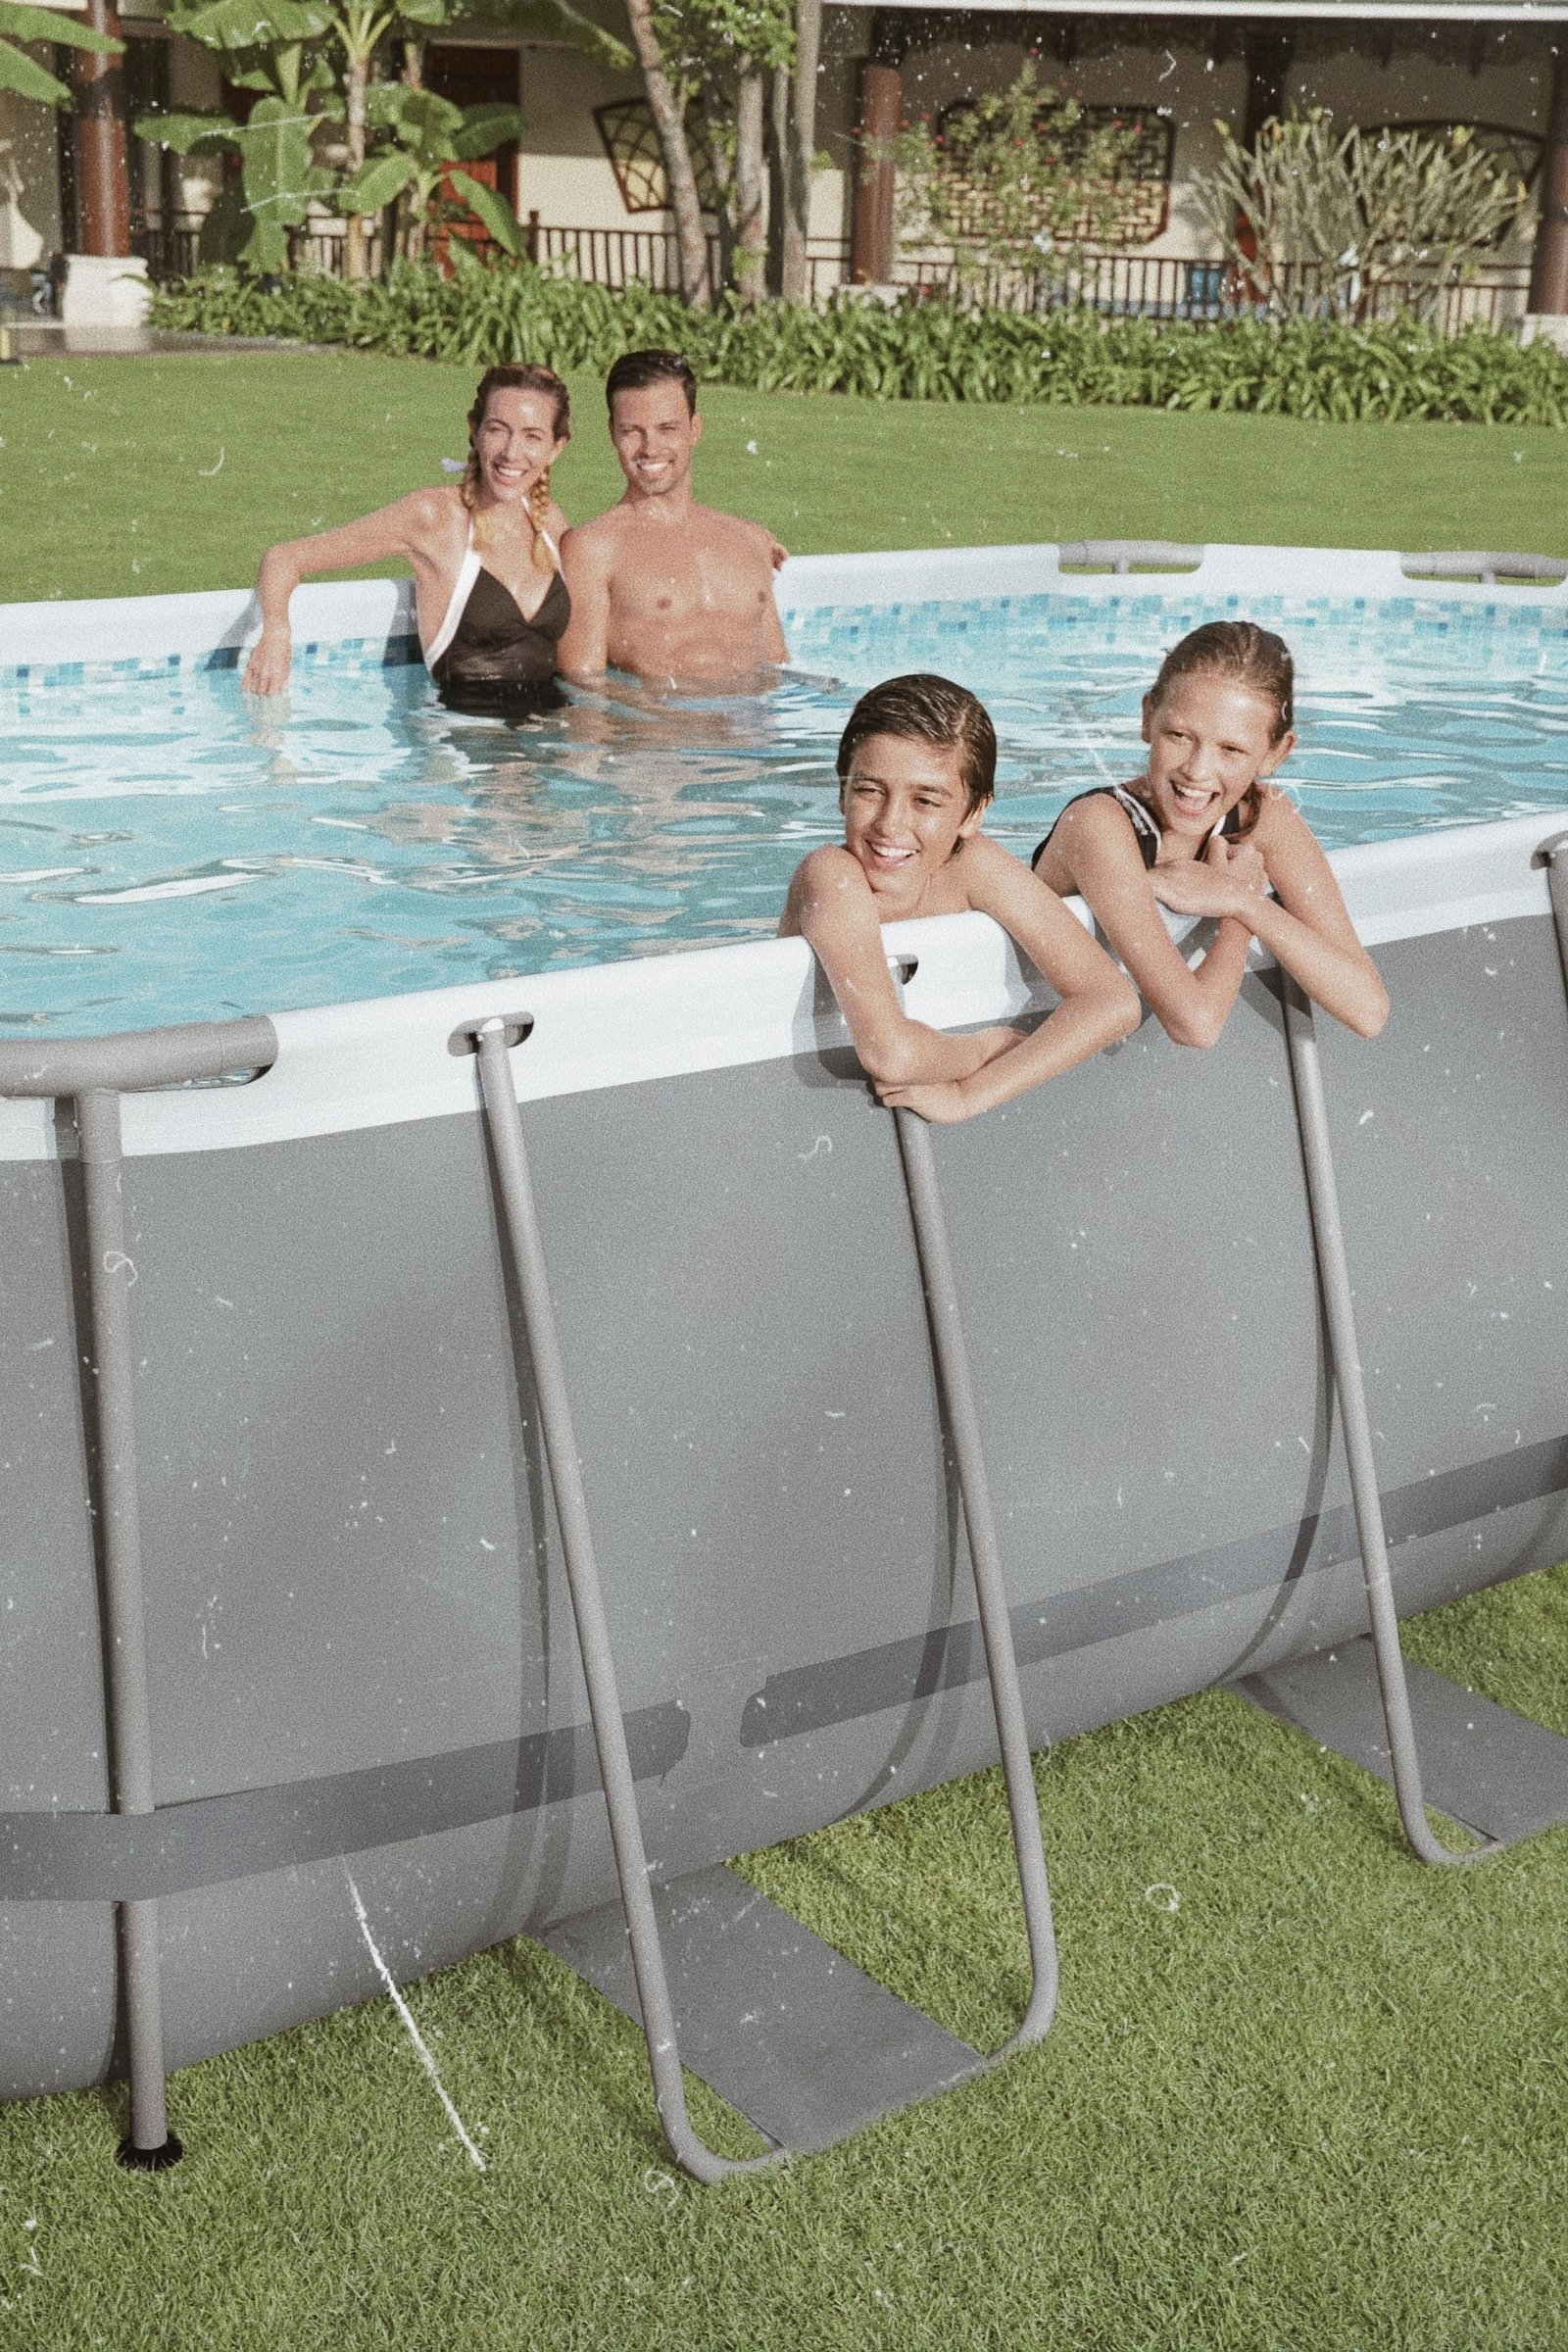 jenna minnie jennaminnie outathome zwembad zwemmen